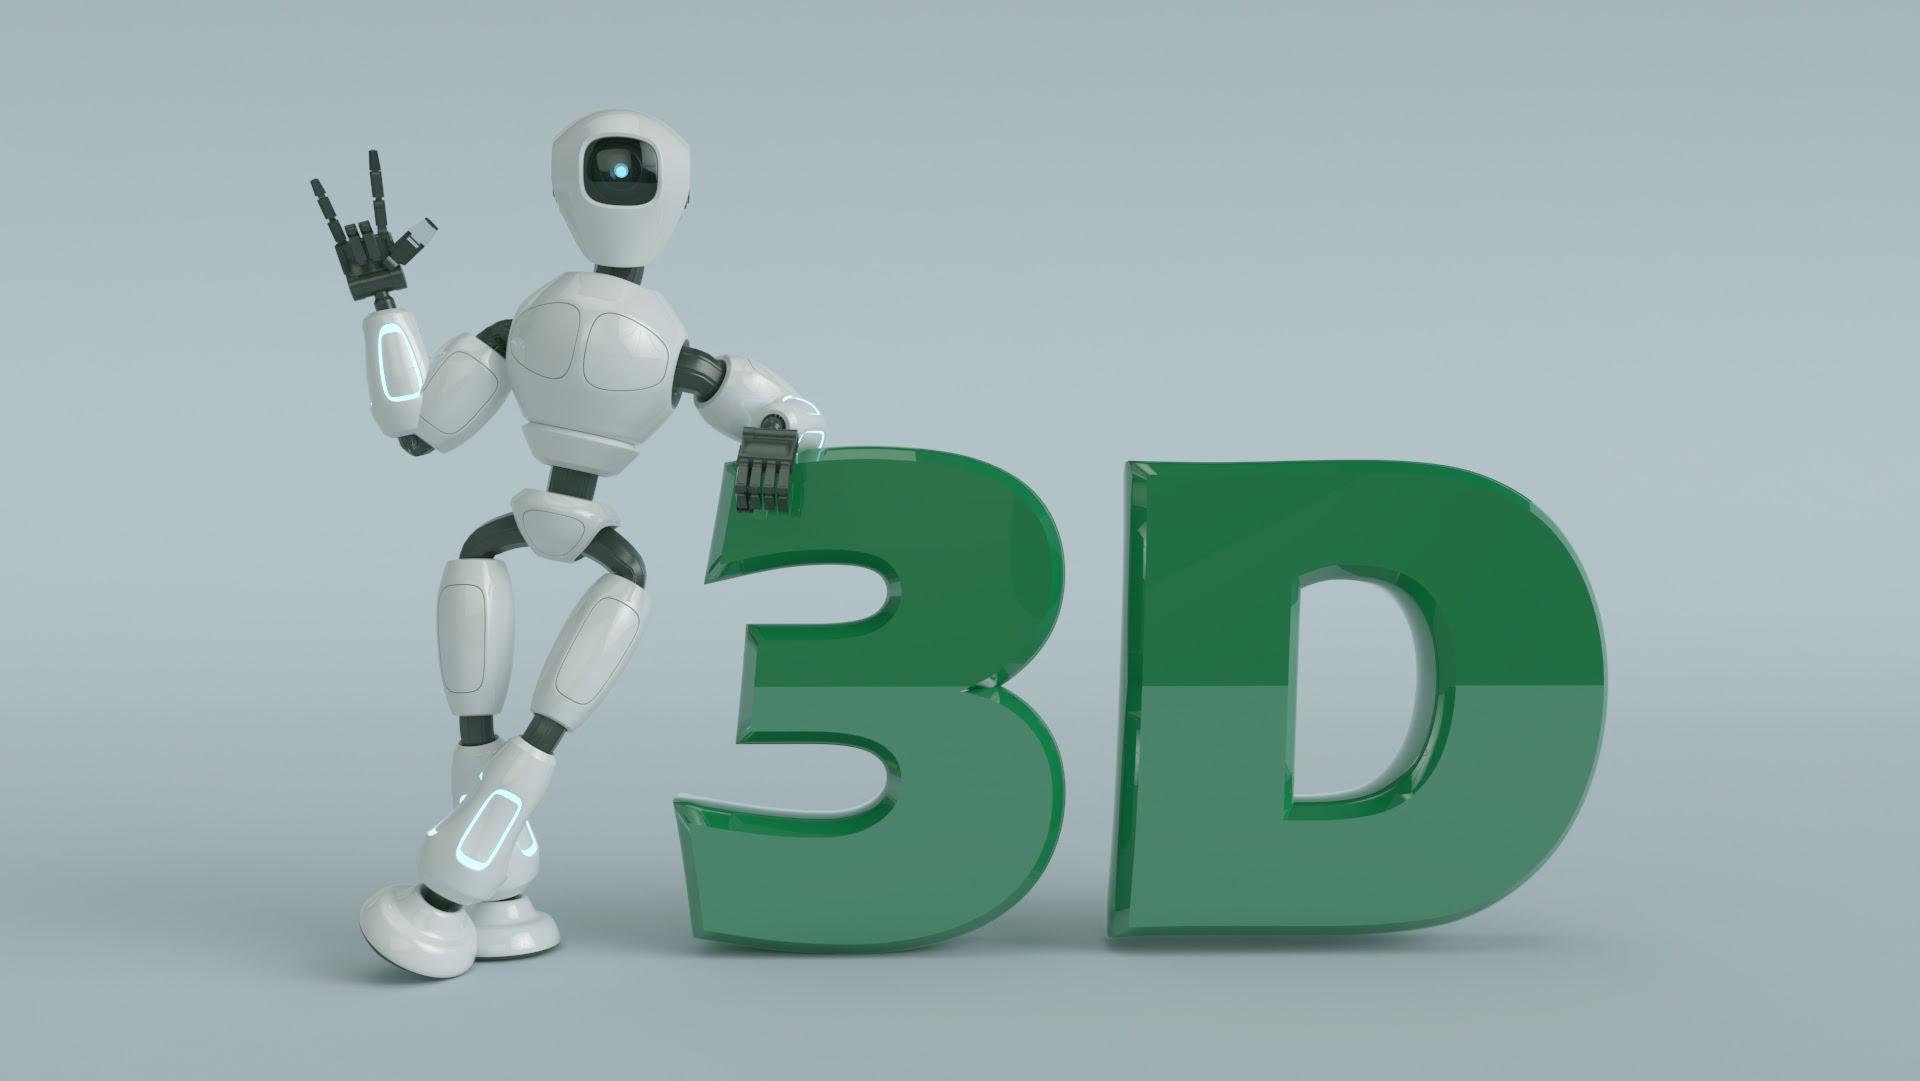 3D Animasyon Nedir, Nasıl Yapılır? Aradığınız Gerçekten 3D Animasyon Mu?